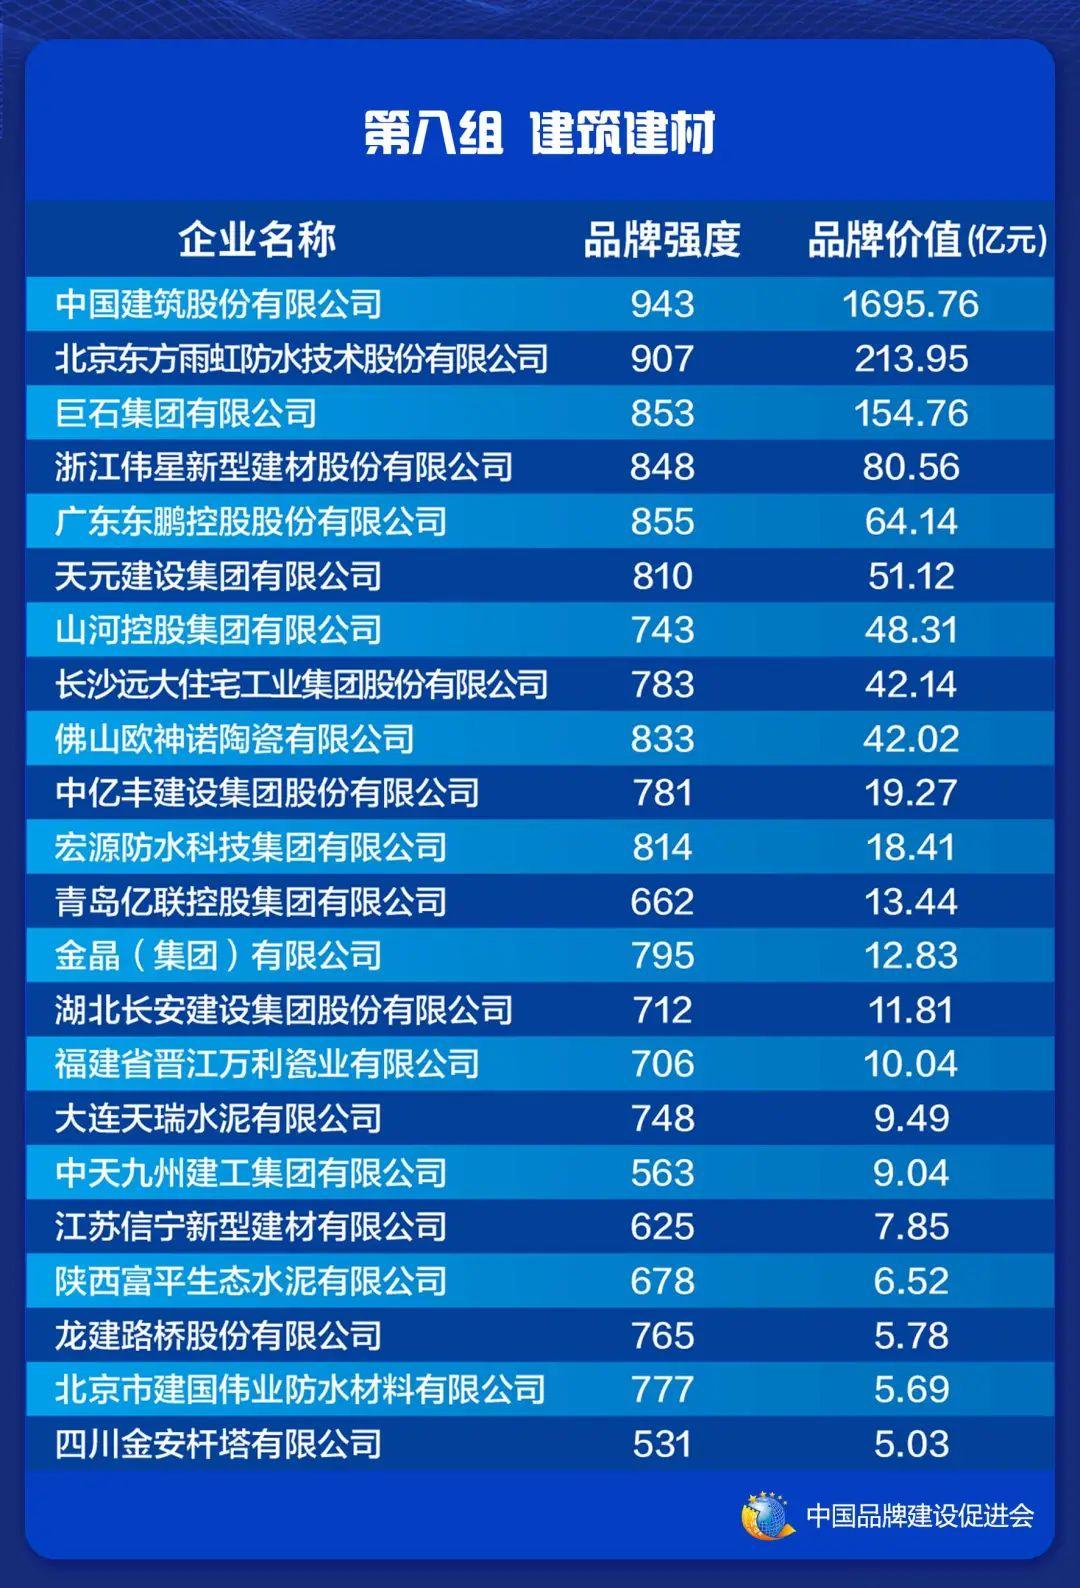 2021中国品牌价值评价信息在上海发布(图10)